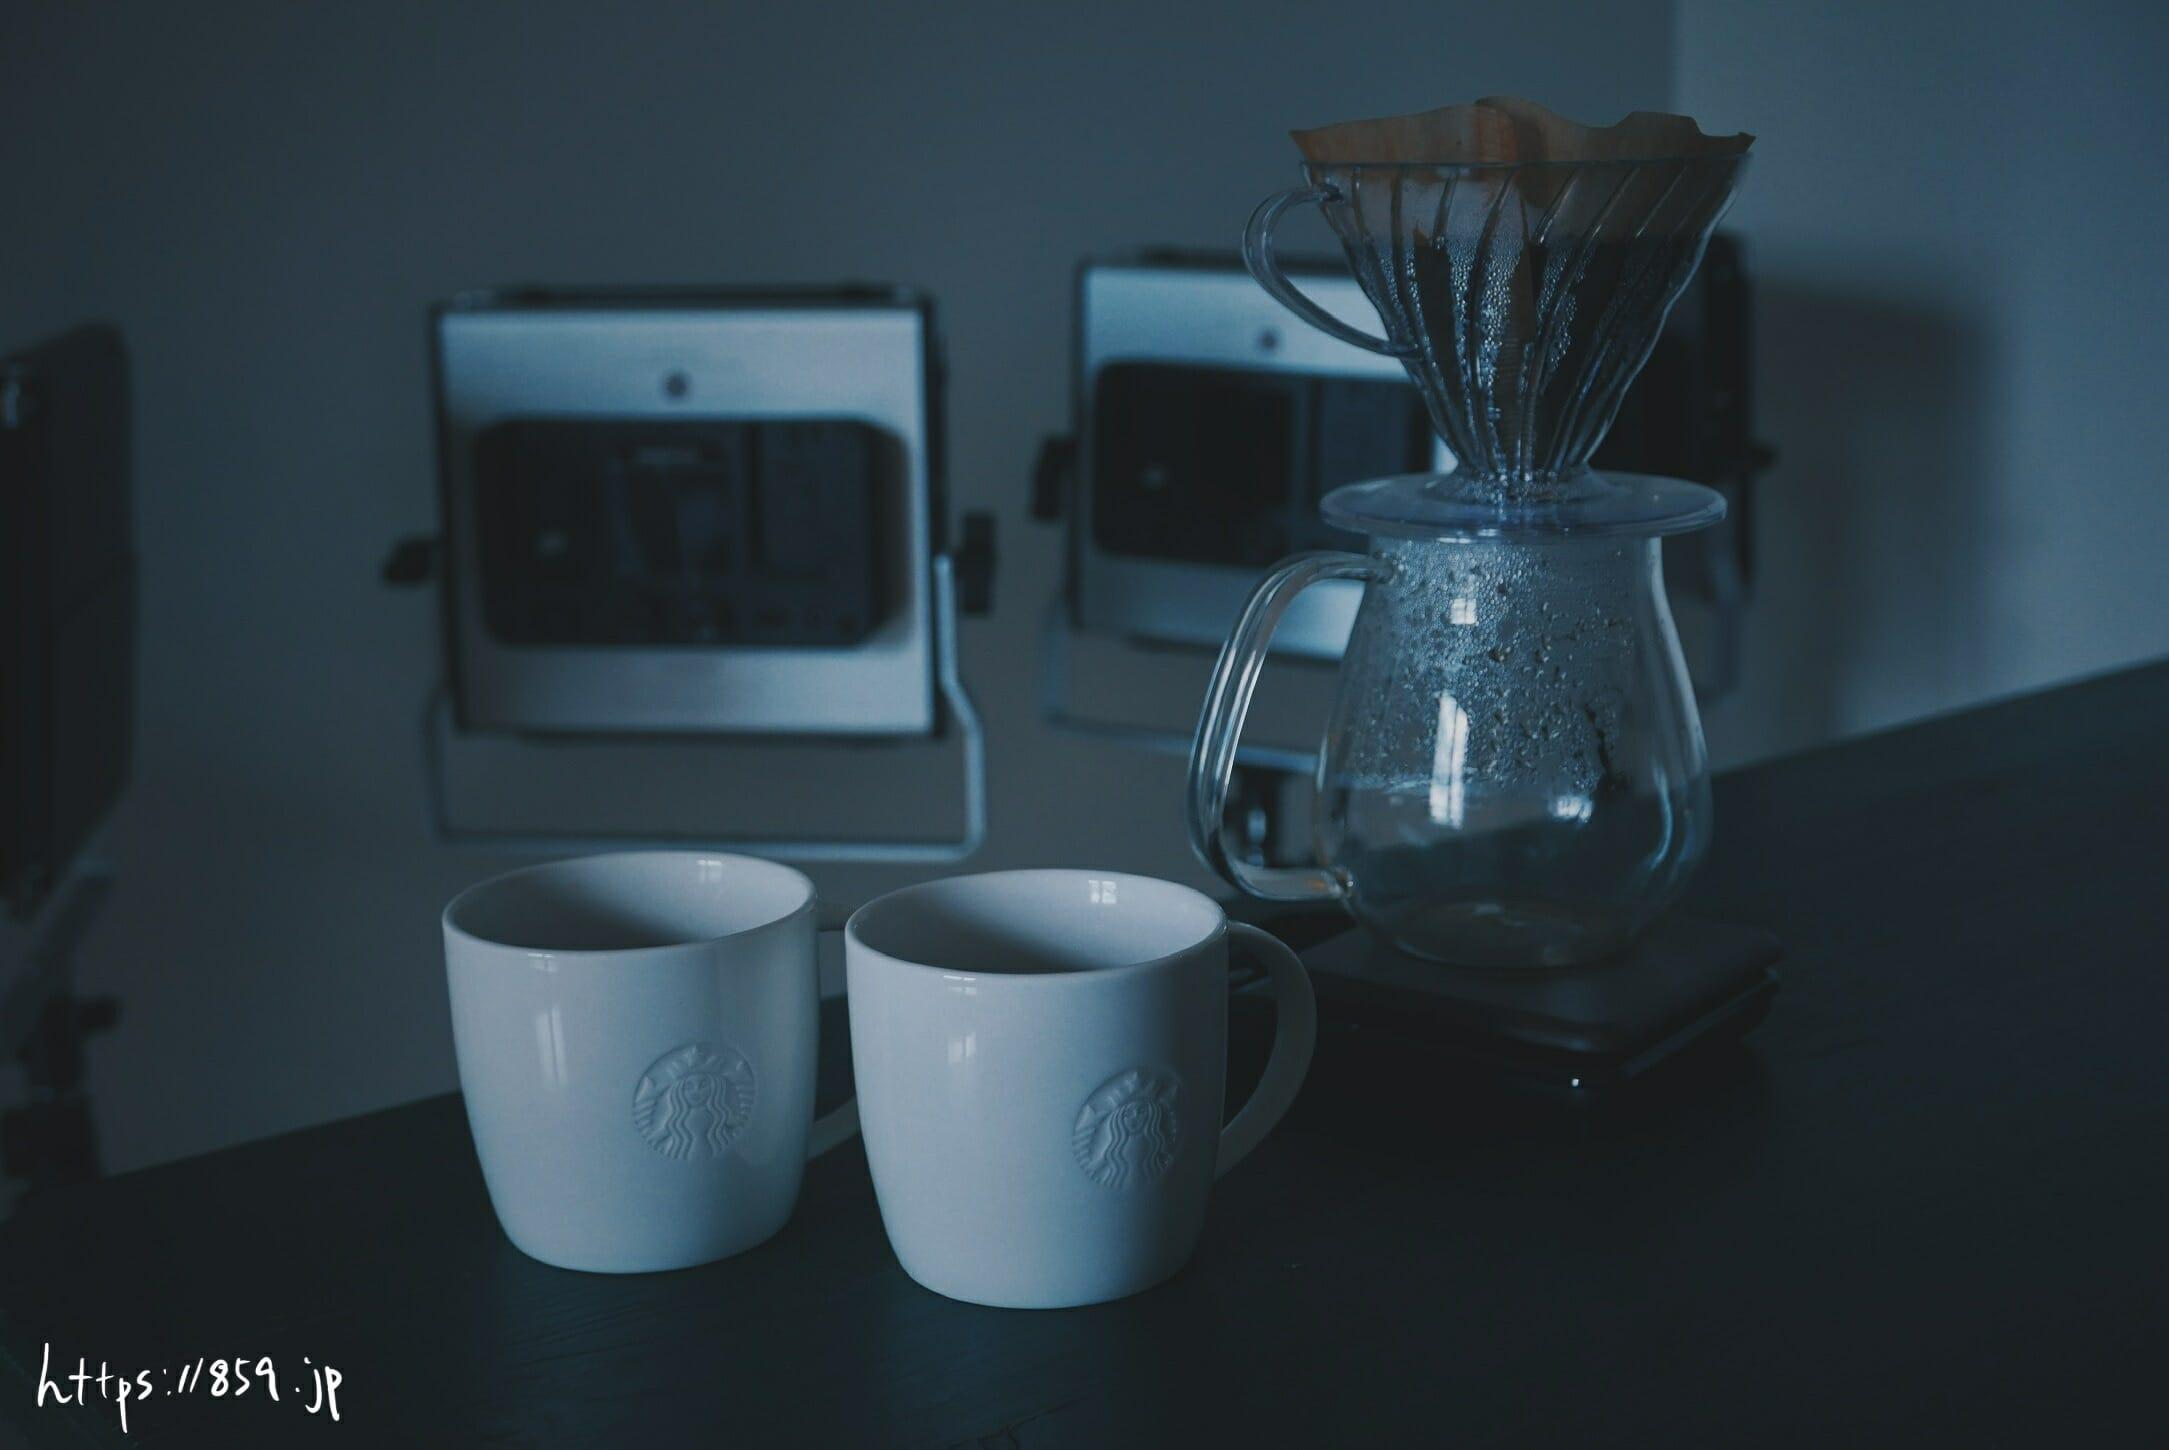 KINTOコーヒー(キントー)UNITEA ワンタッチティーポット460mlを使って珈琲ジャグ(カラフェ)にしてみた